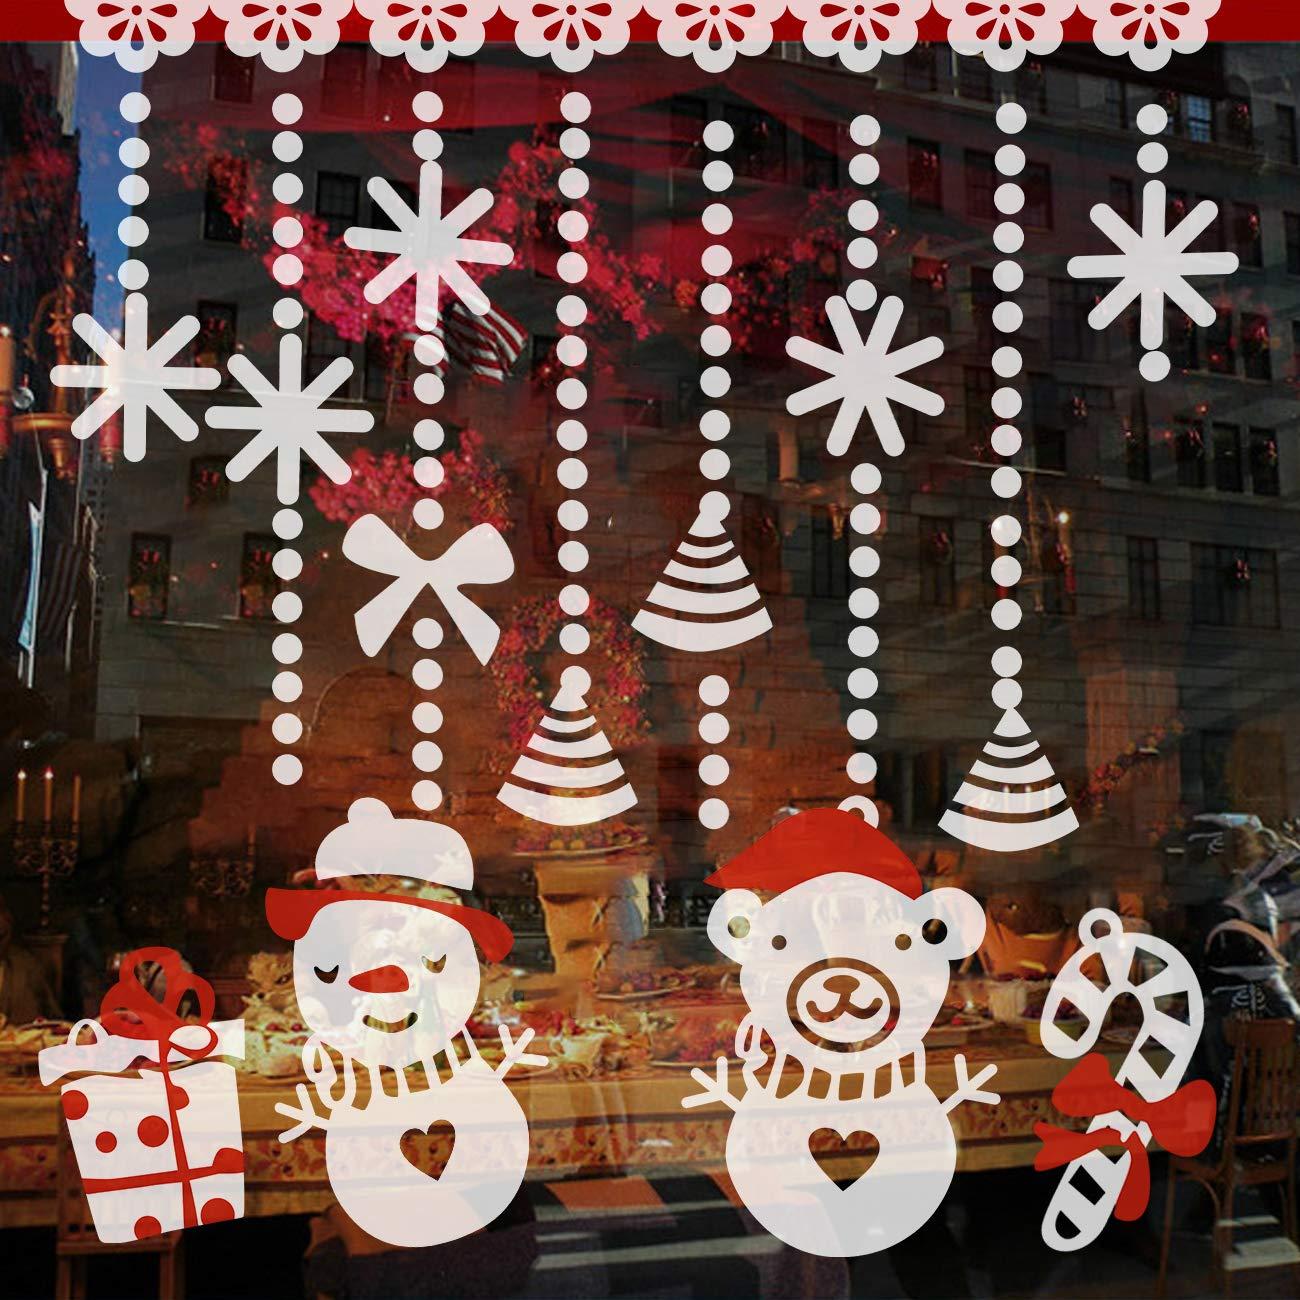 Wandbild statisch für glatte Flächen Fensterbild Weihnachten wiederverwendbar